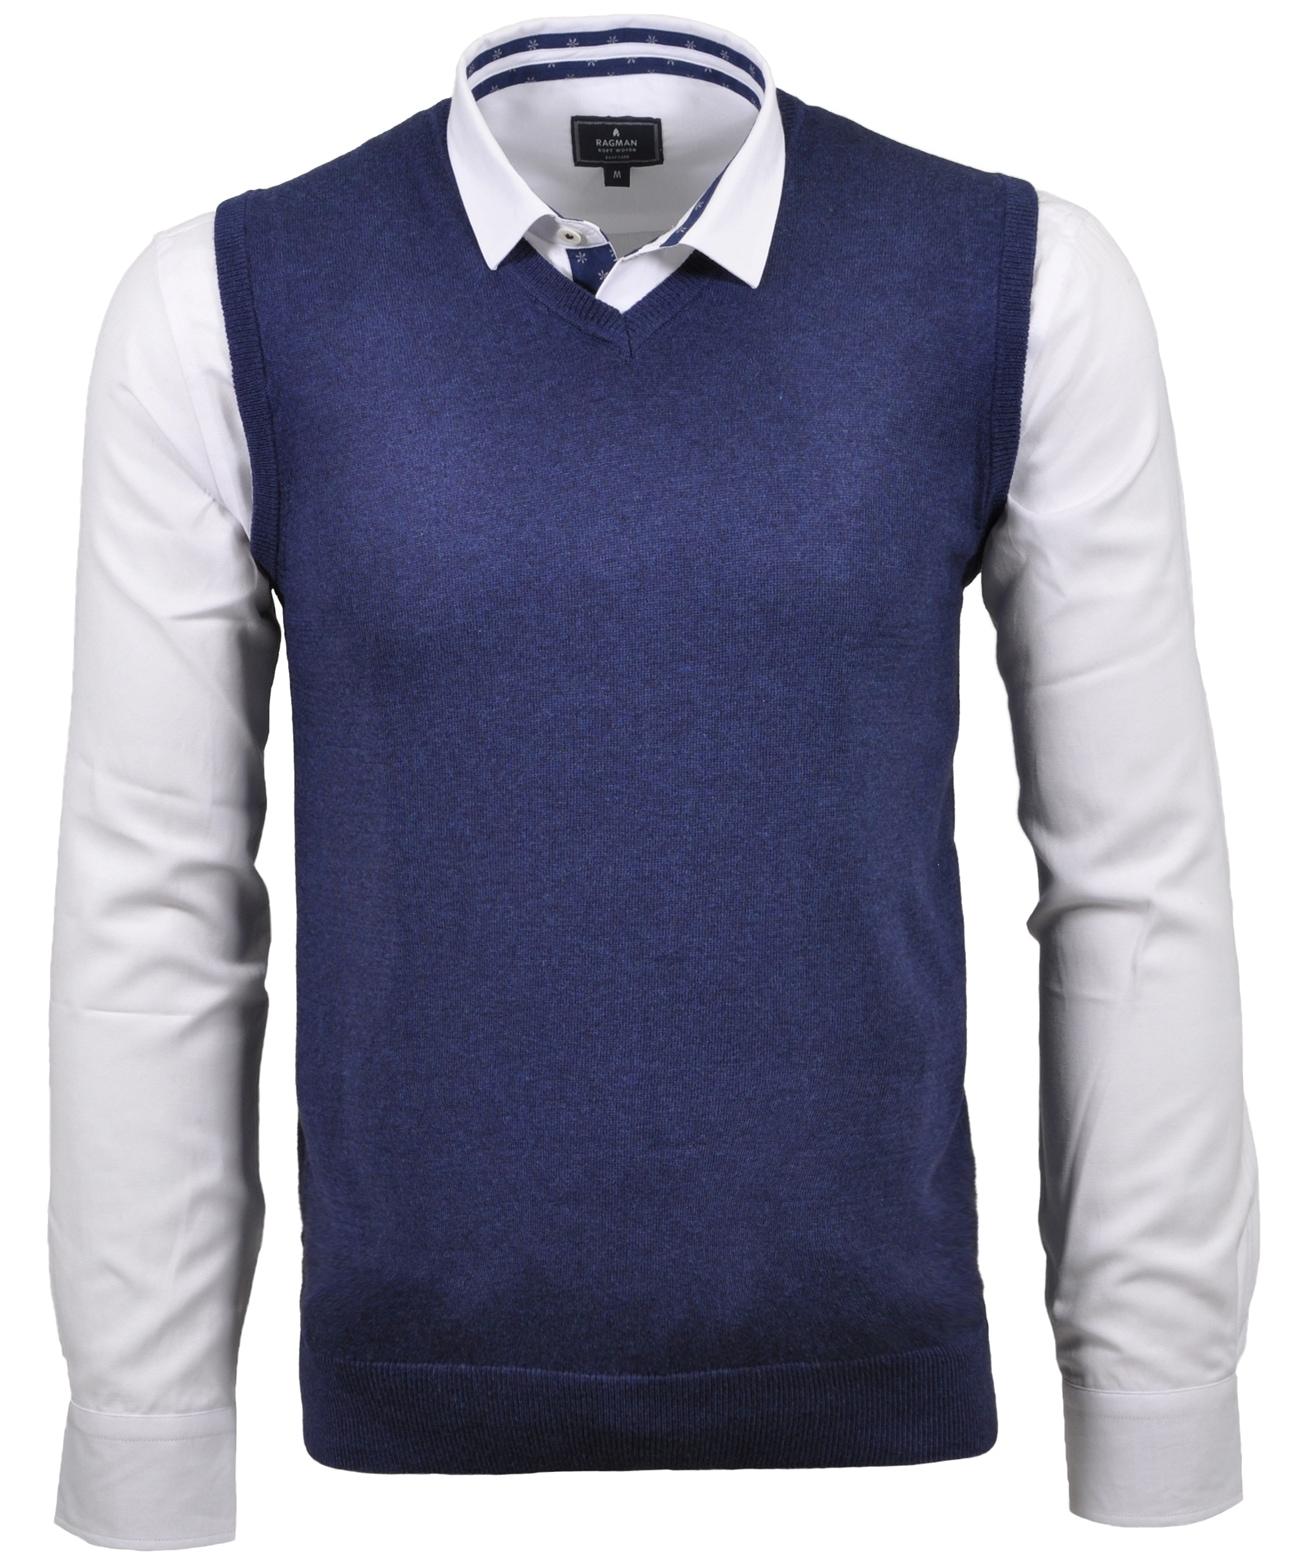 RAGMAN Pullunder | Bekleidung > Pullover > Pullunder | Blau | Ragman